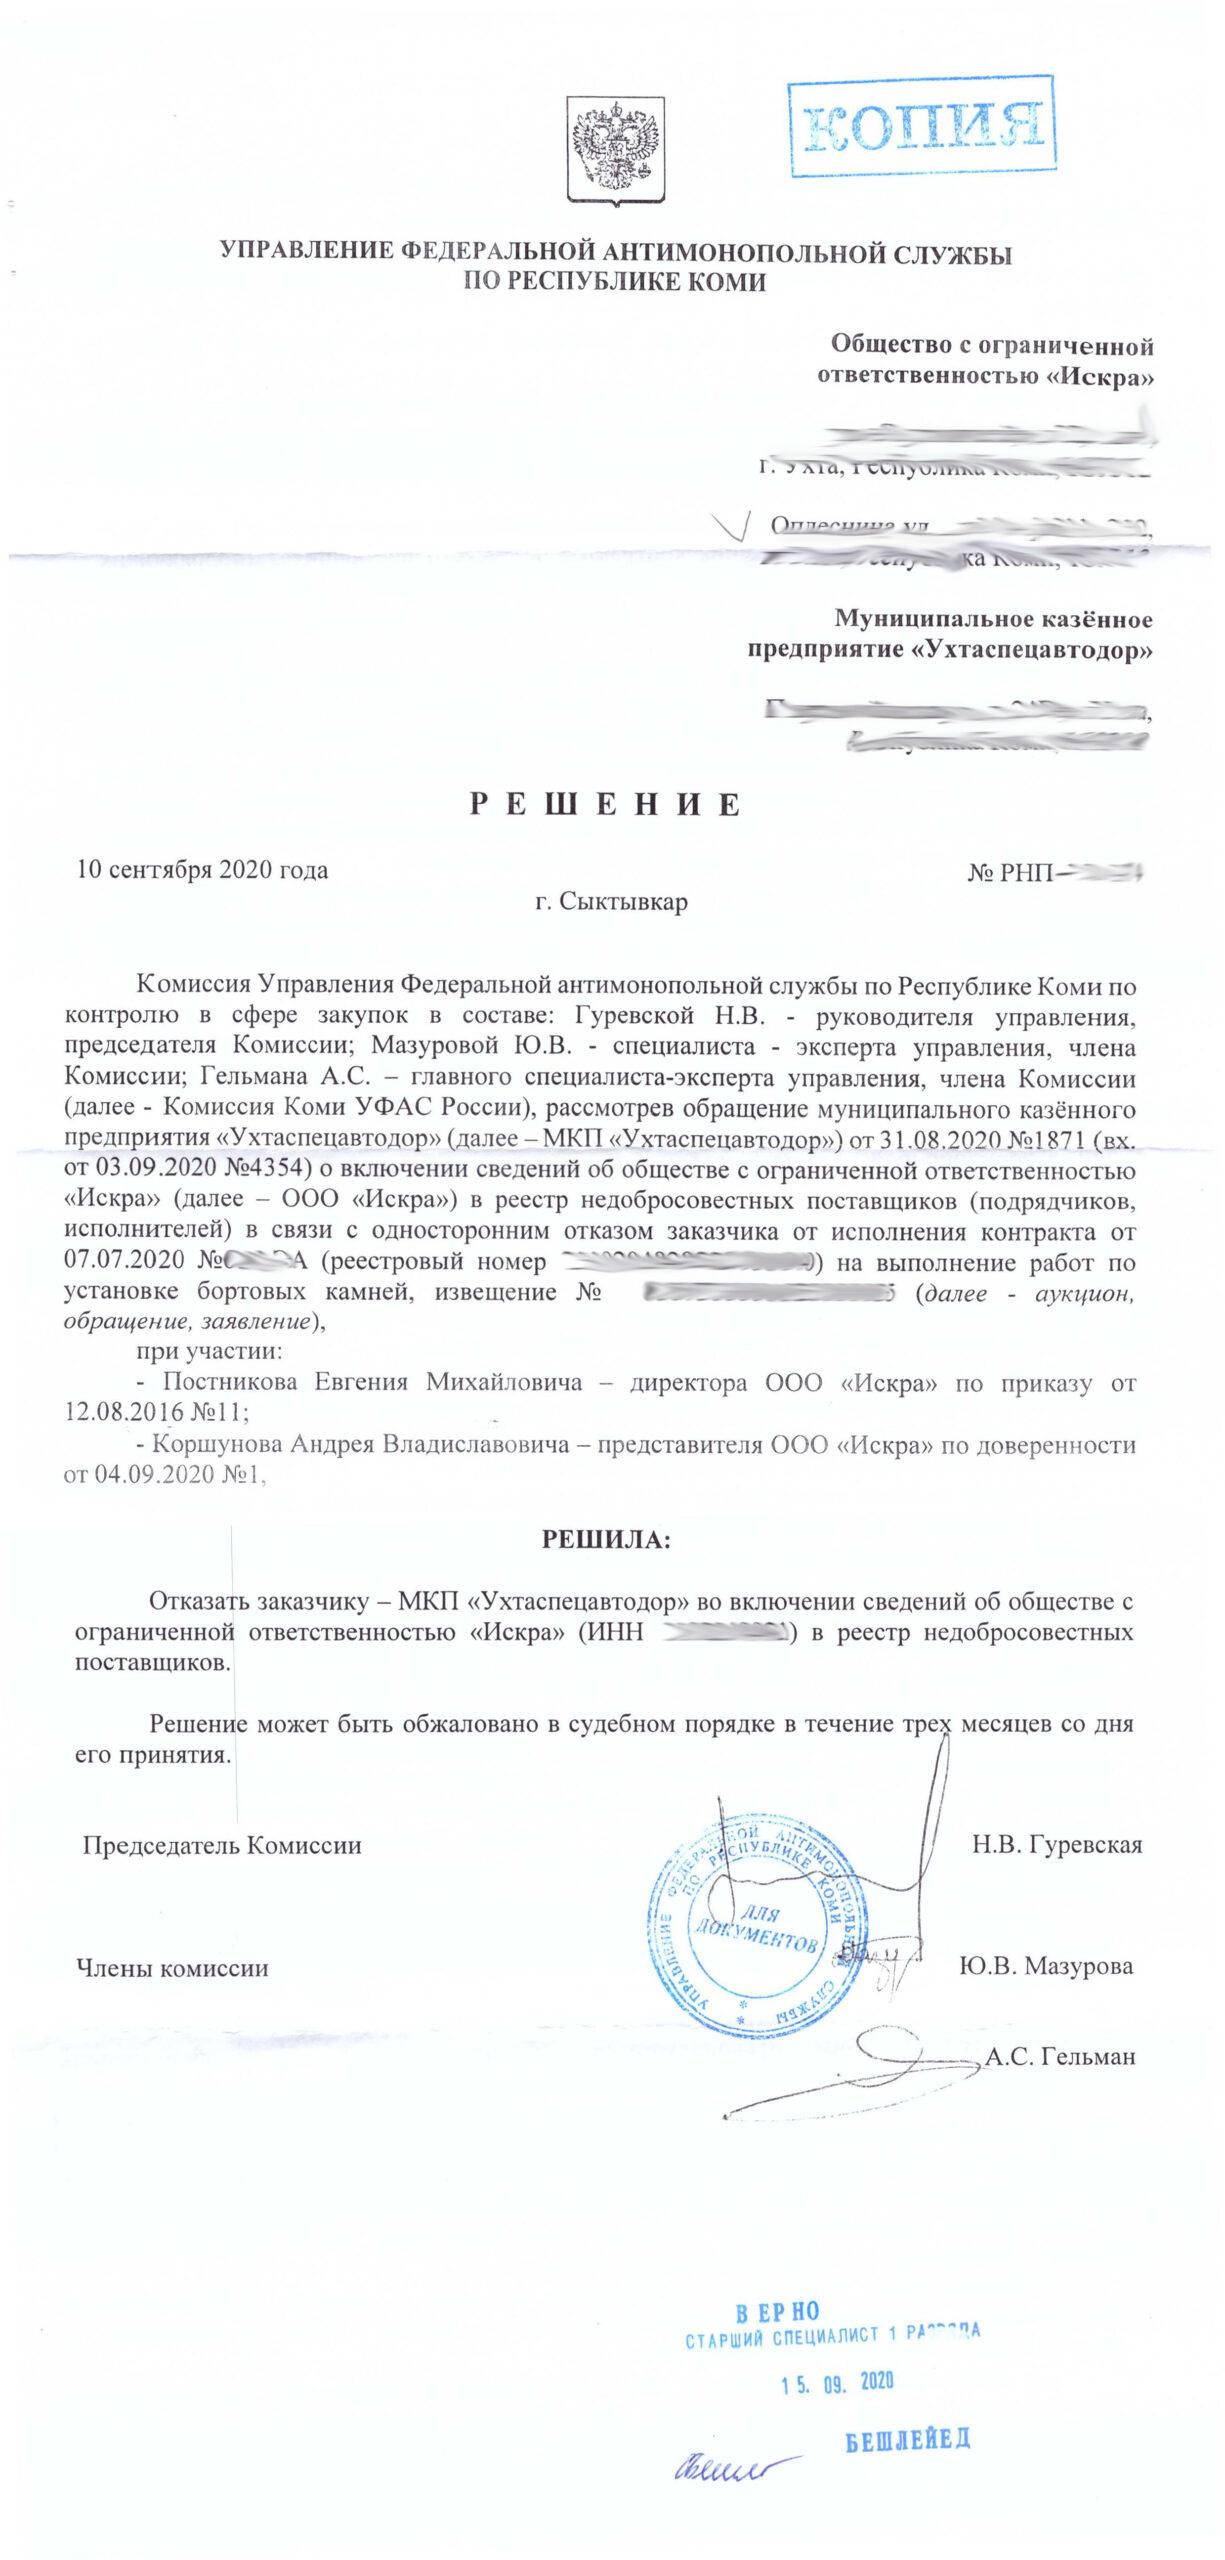 УФАС Республика Коми ООО Искра